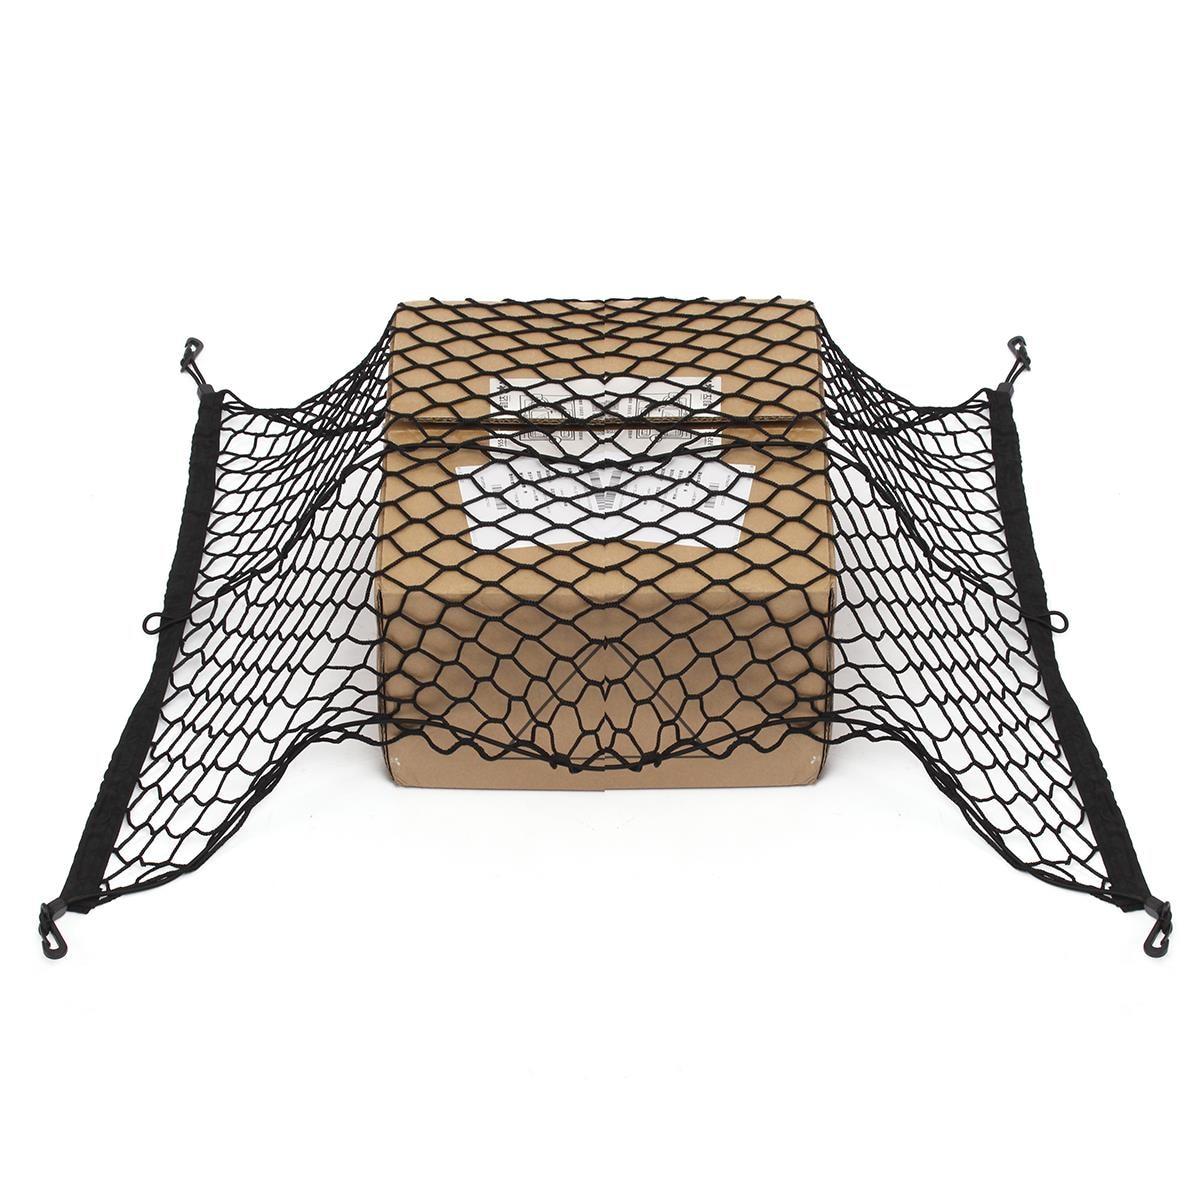 100 см x 70 см черный нейлон багажник автомобиля Чистая Чемодан хранения Организатор сумка сзади хвост ячеистой сети с 4 крючки